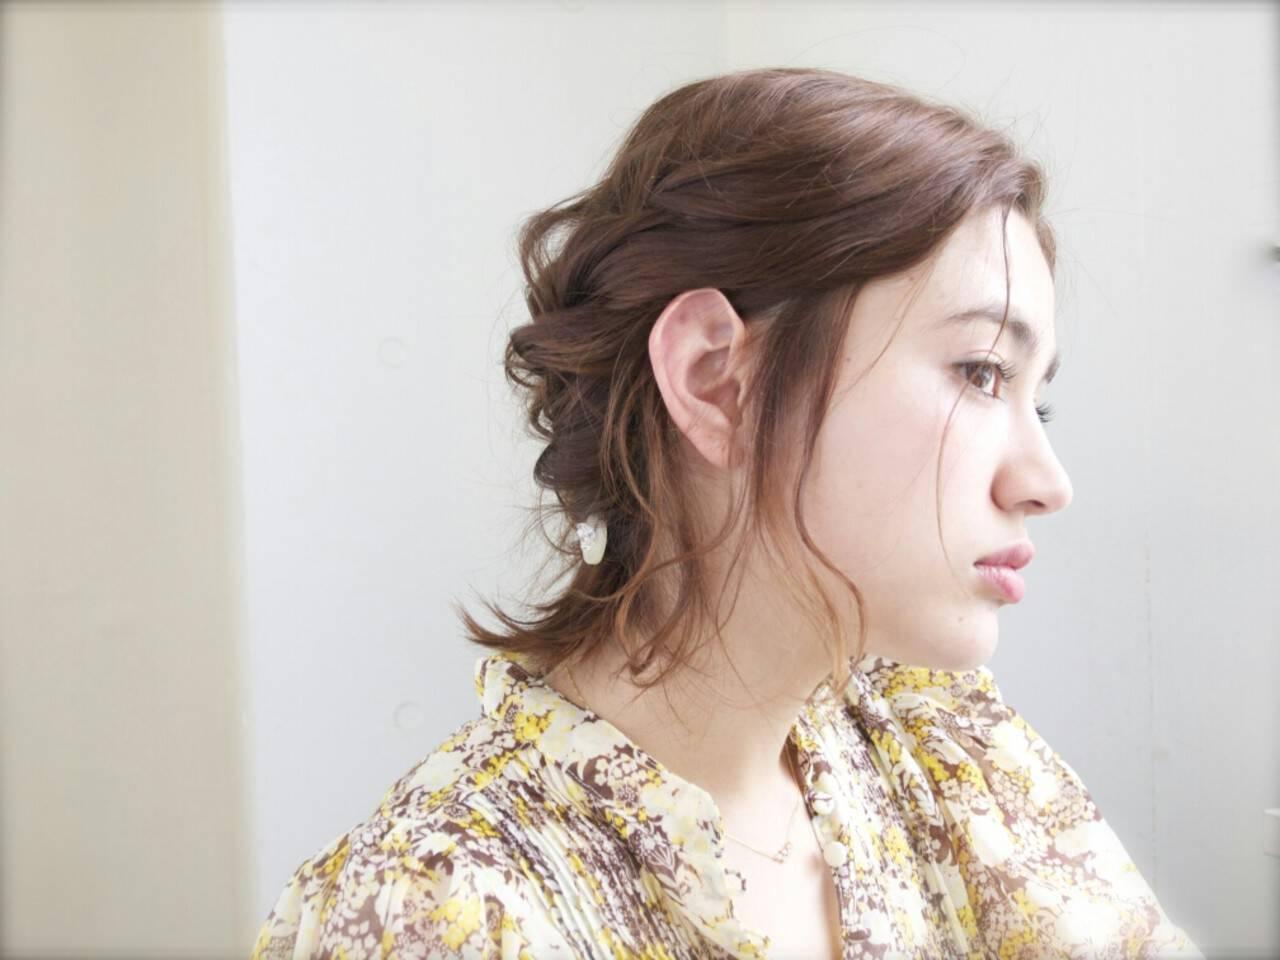 ハーフアップ ショート 外国人風 簡単ヘアアレンジヘアスタイルや髪型の写真・画像